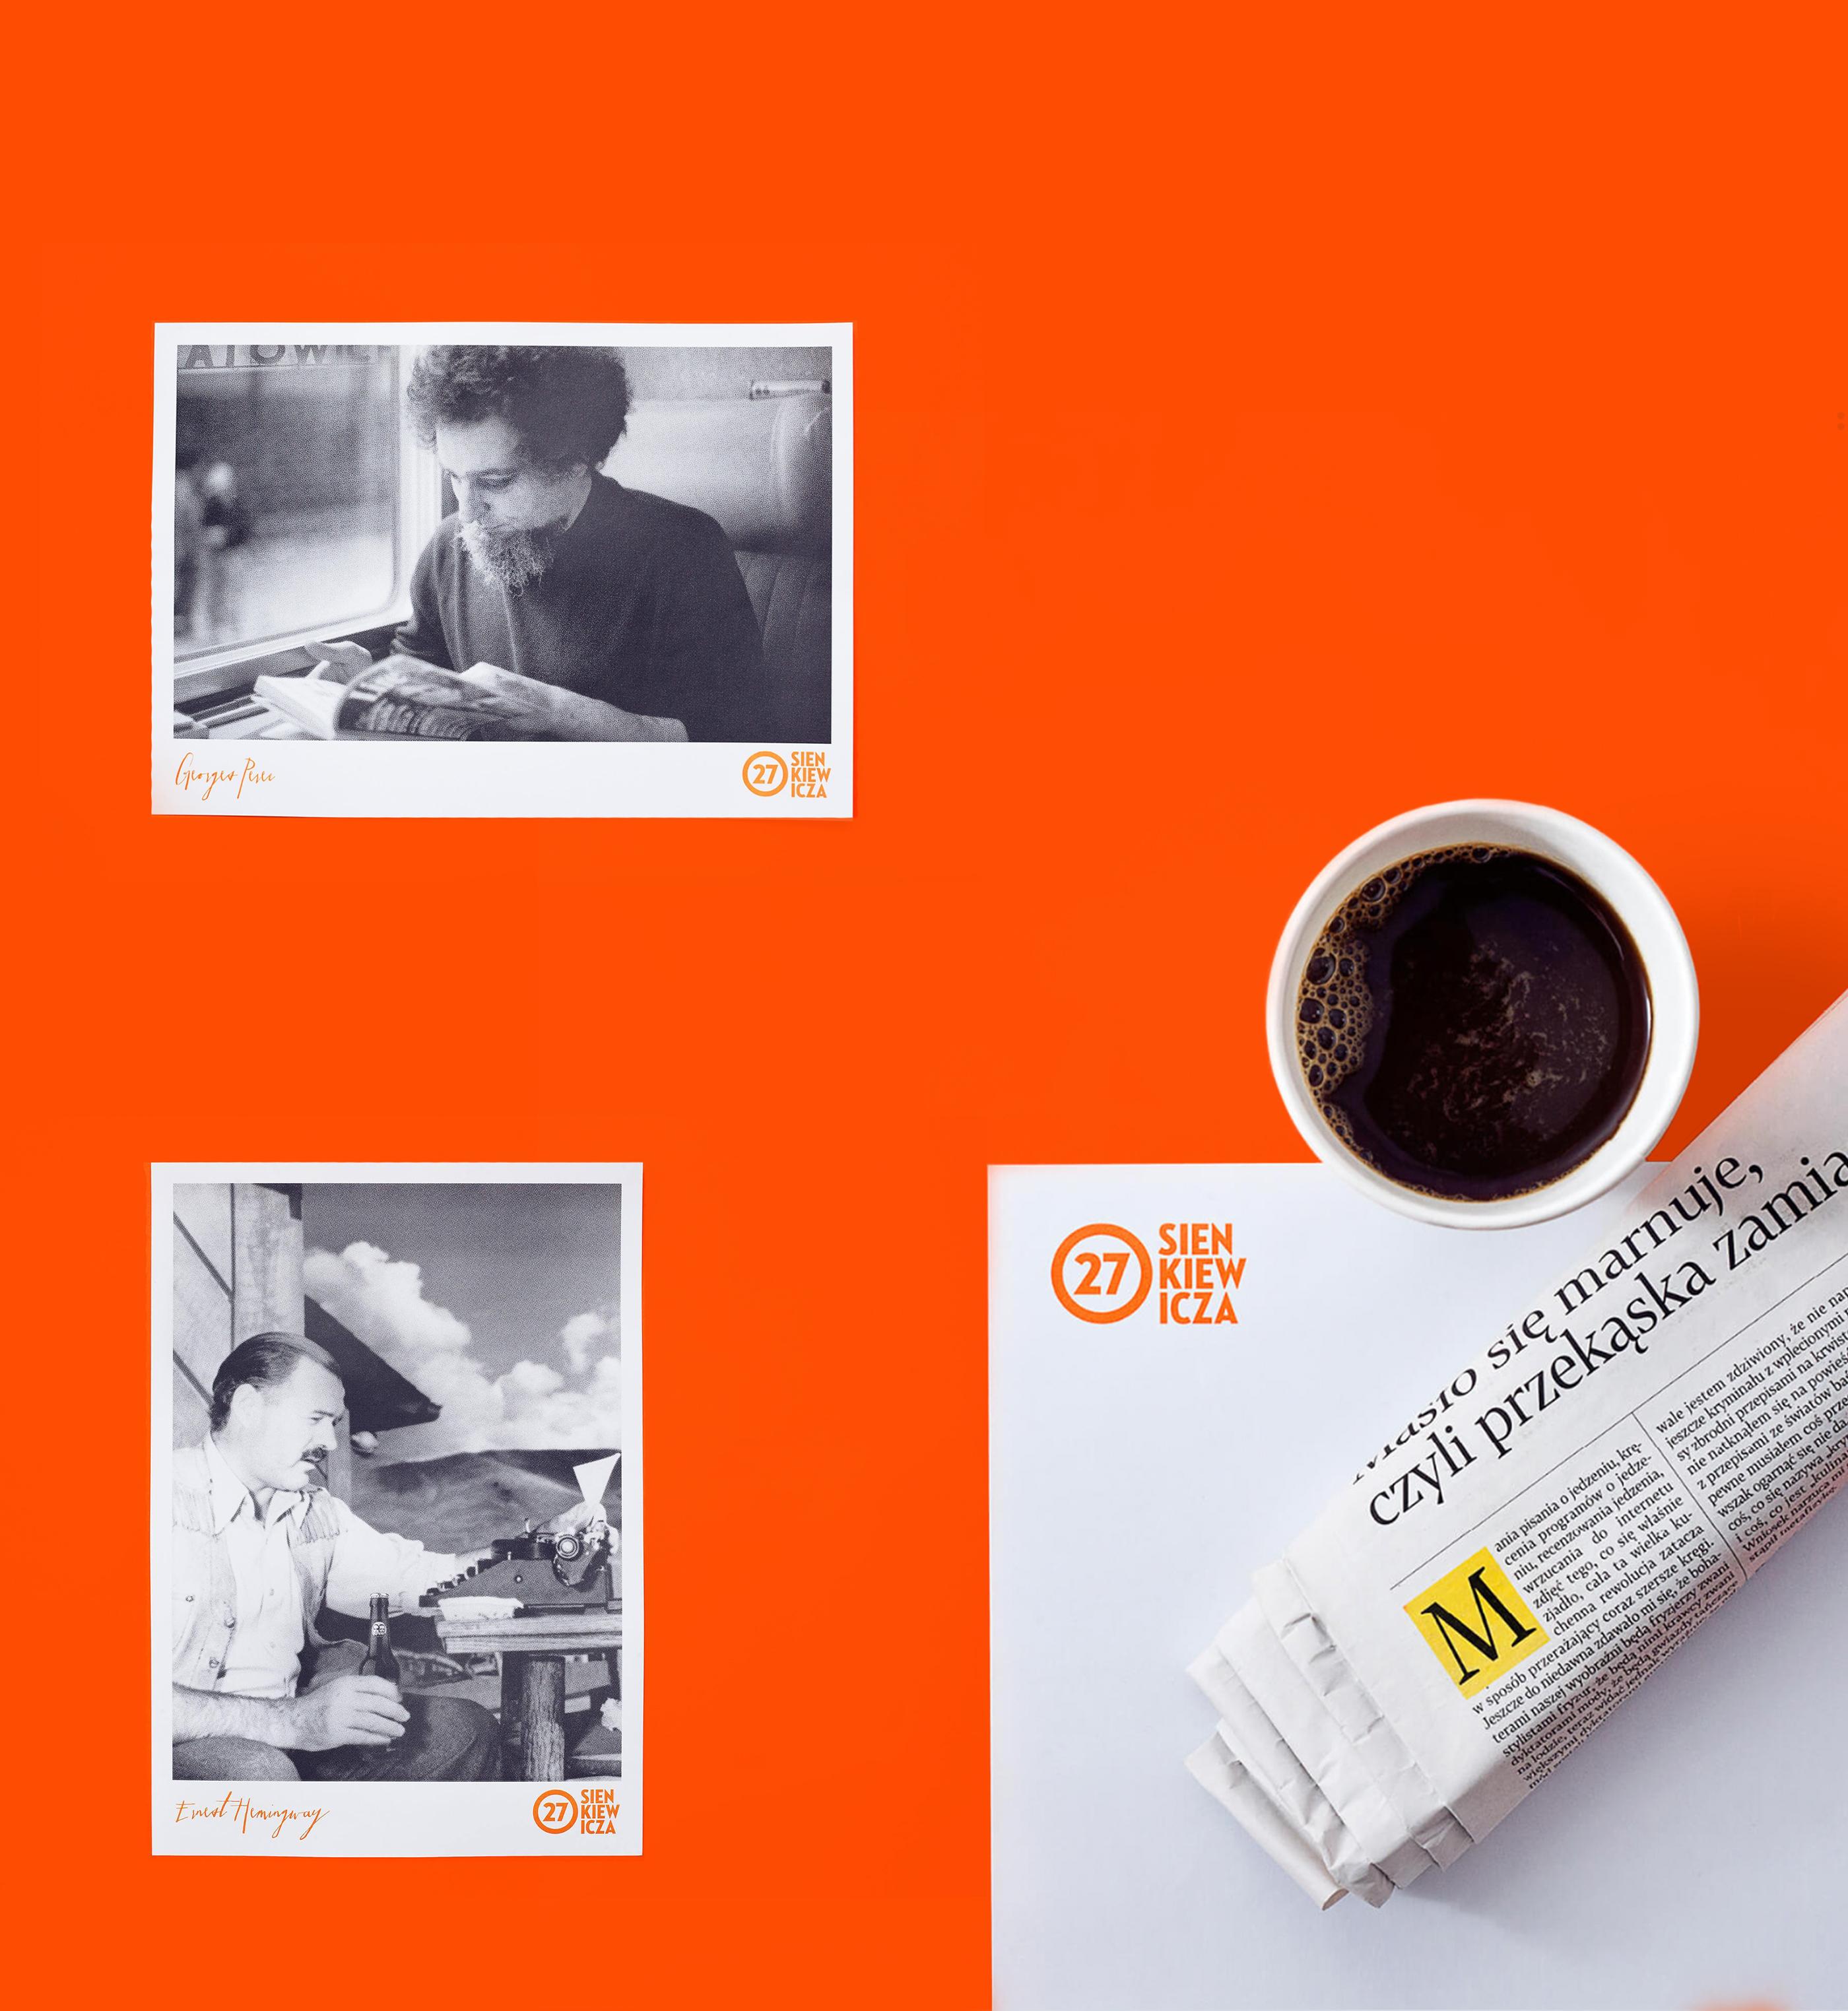 波兰Sienkiewicza 27文学俱乐部品牌VI设计